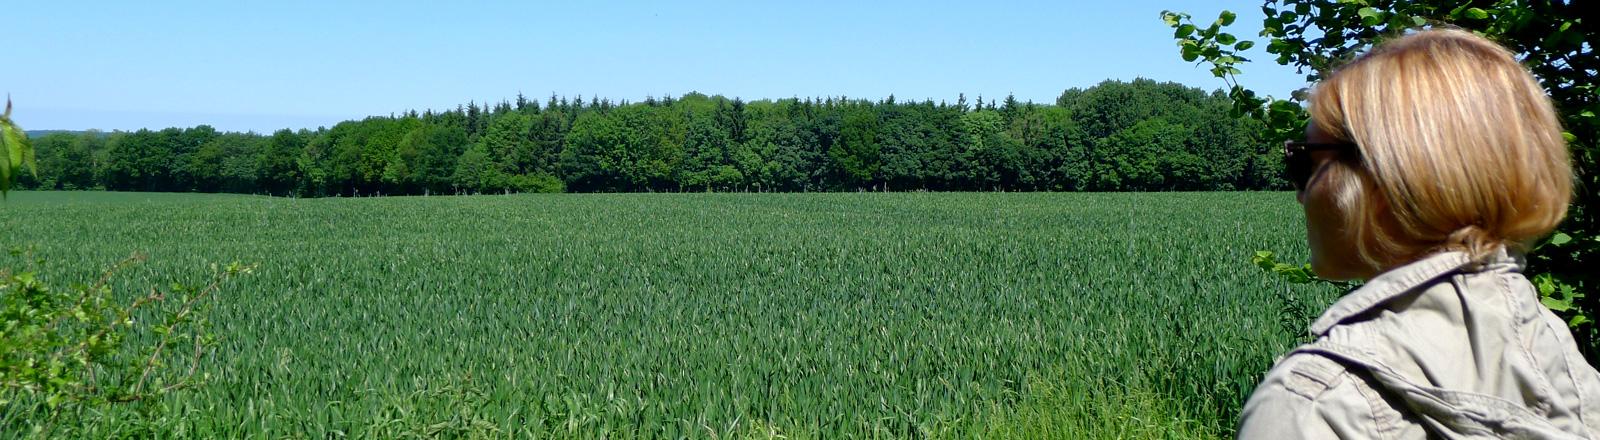 Anne Bente Isenberg blickt auf ein großes grünes Feld